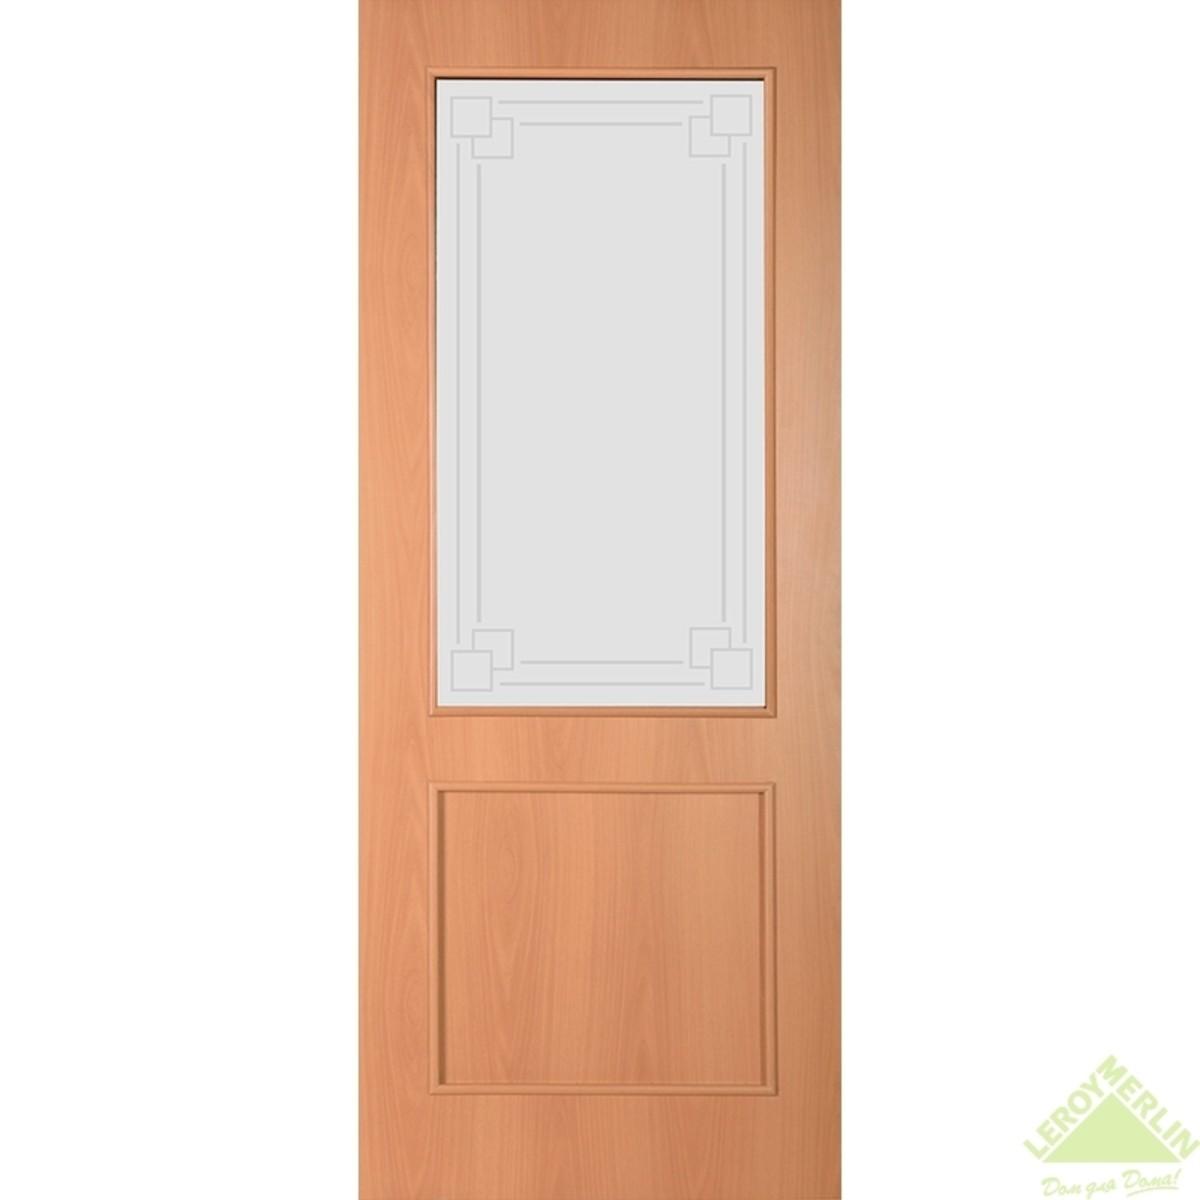 Дверное полотно остеклённое Квадро 600x2000 мм ламинация миланский орех